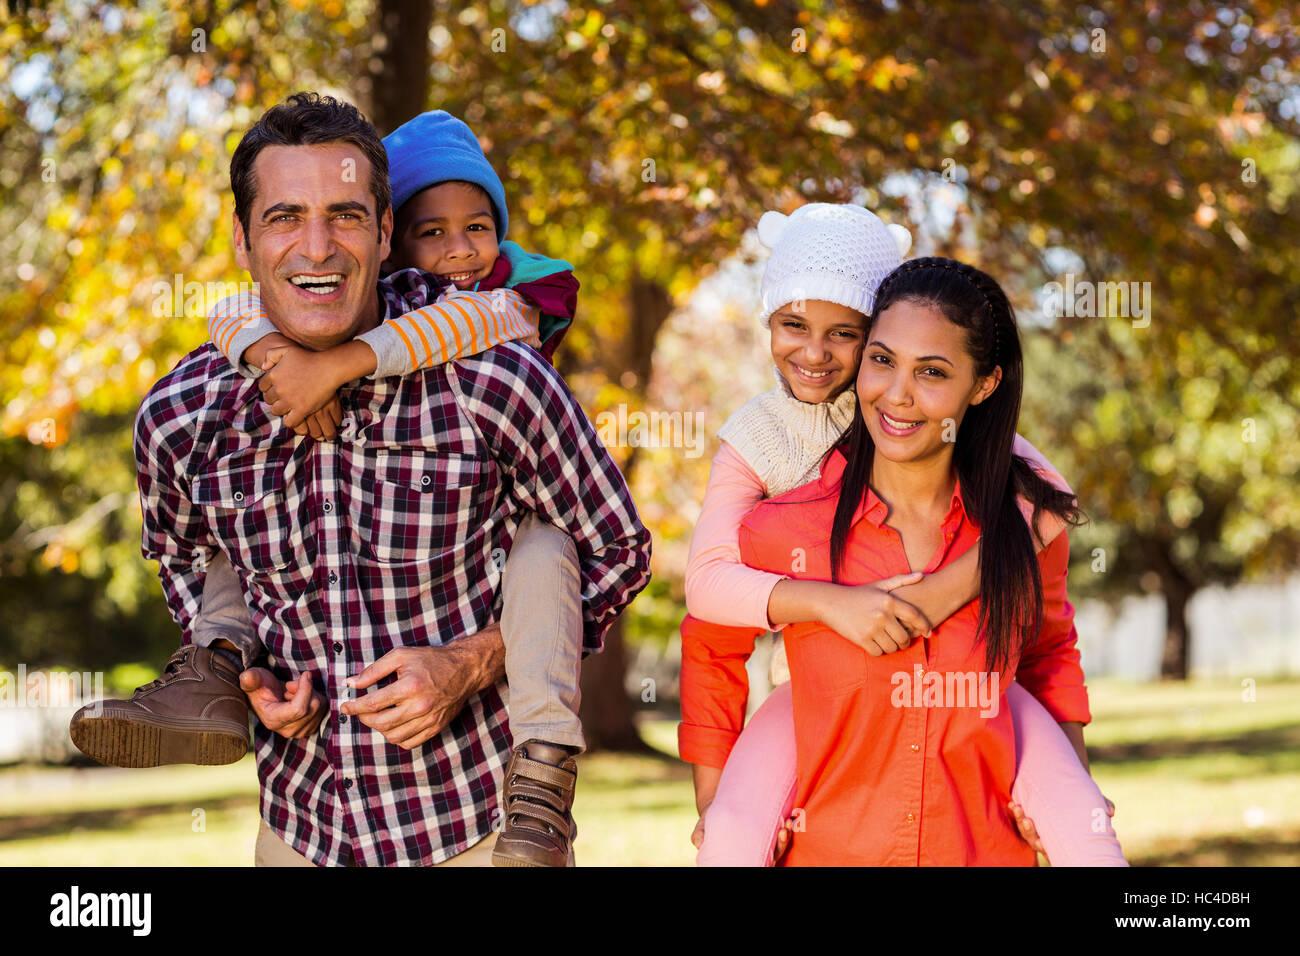 Los padres aprovechar los niños en park Imagen De Stock